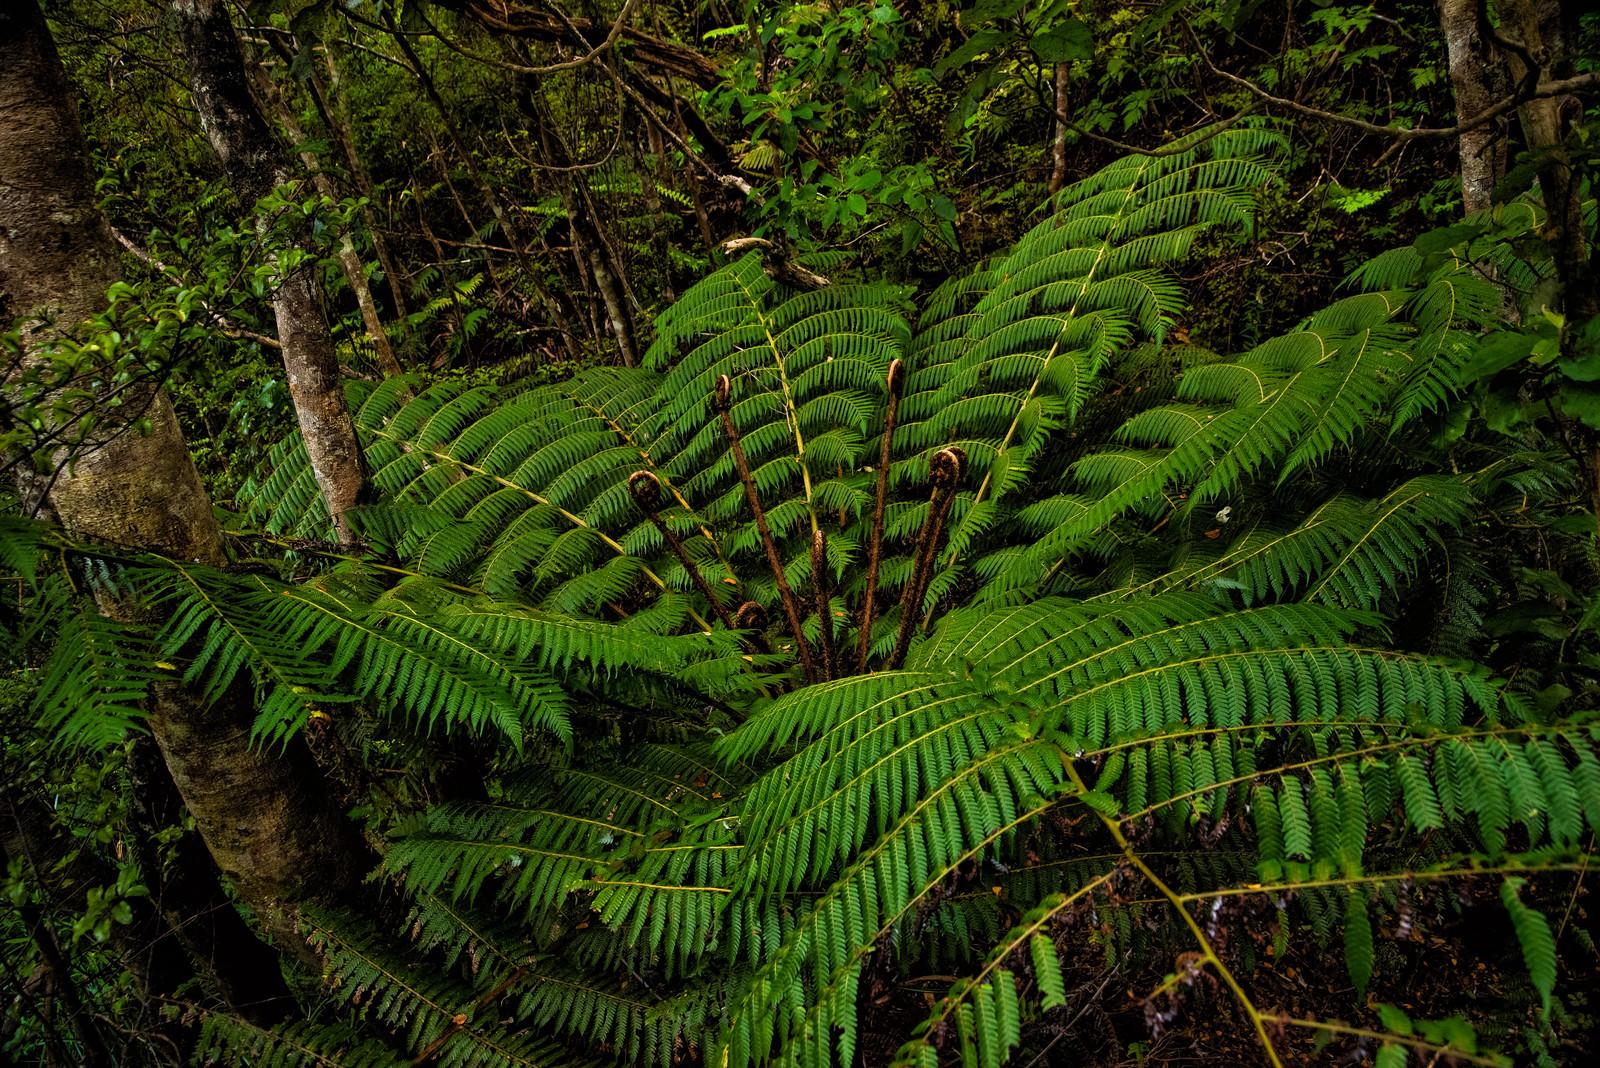 「ニュージーランド原産のシルバーファーン(シダ植物)」の写真